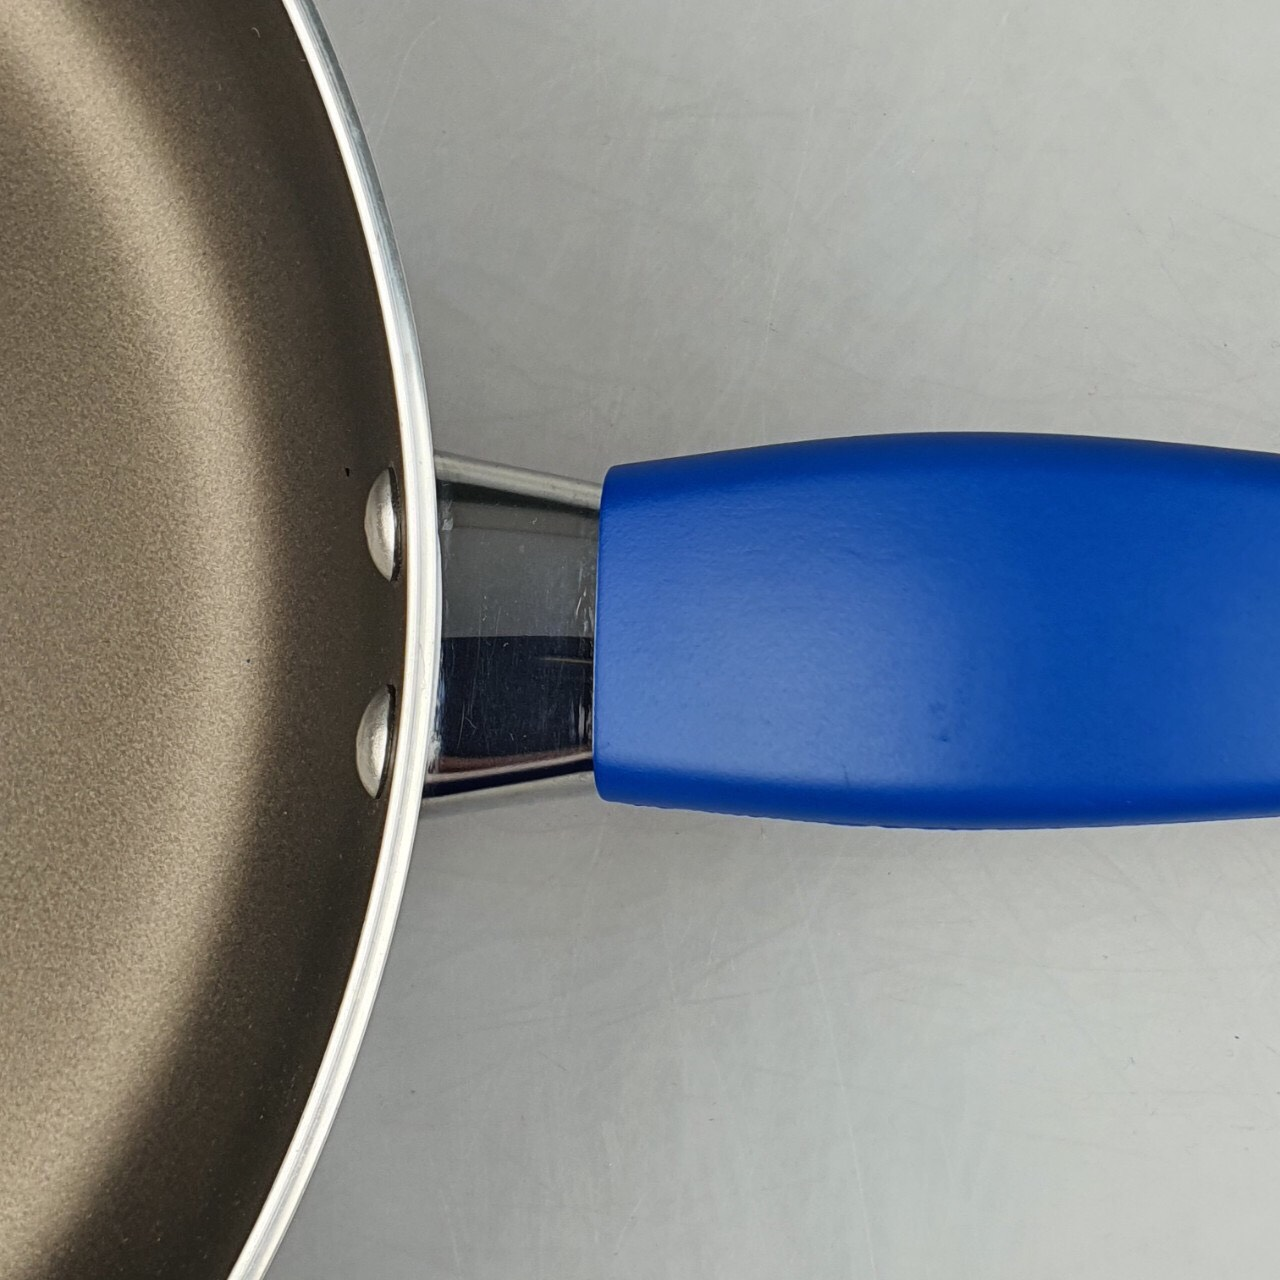 Chảo chống dính 2 lớp size 26cm Elmich Smartcook-hàng chính hãng